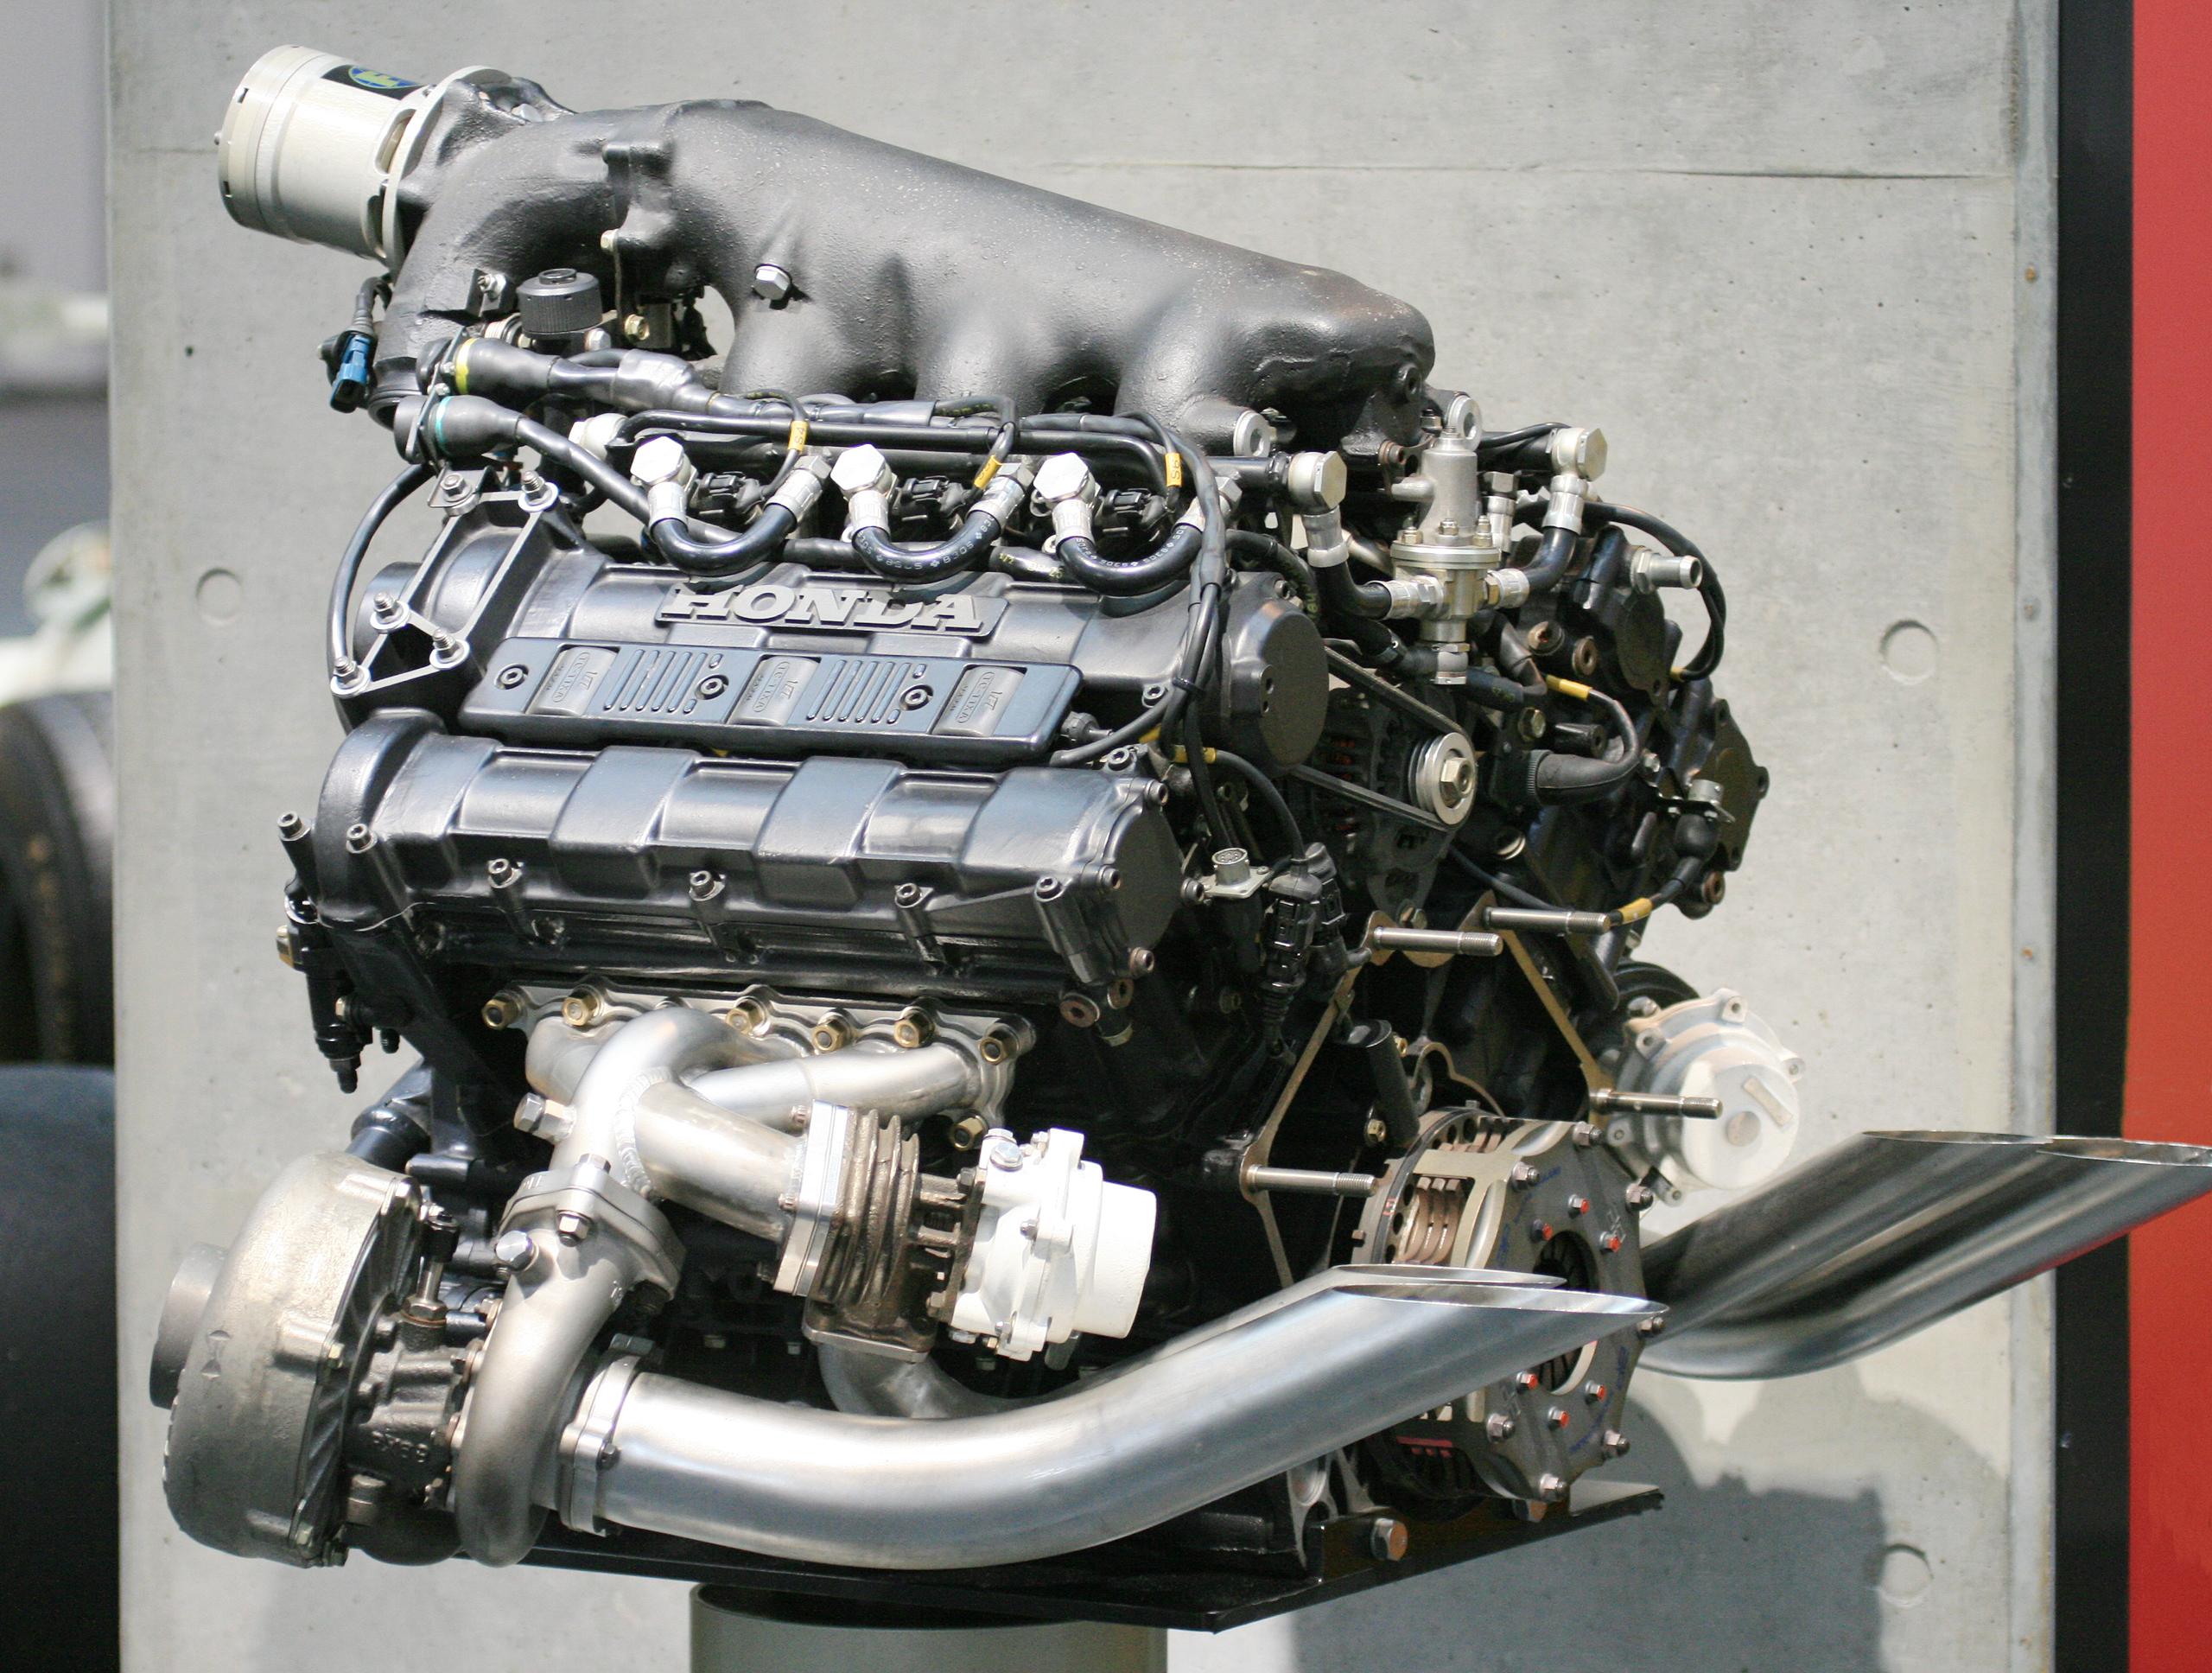 Μεγεθος external wastegate. Honda_RA168E_engine_rear_Honda_Collection_Hall